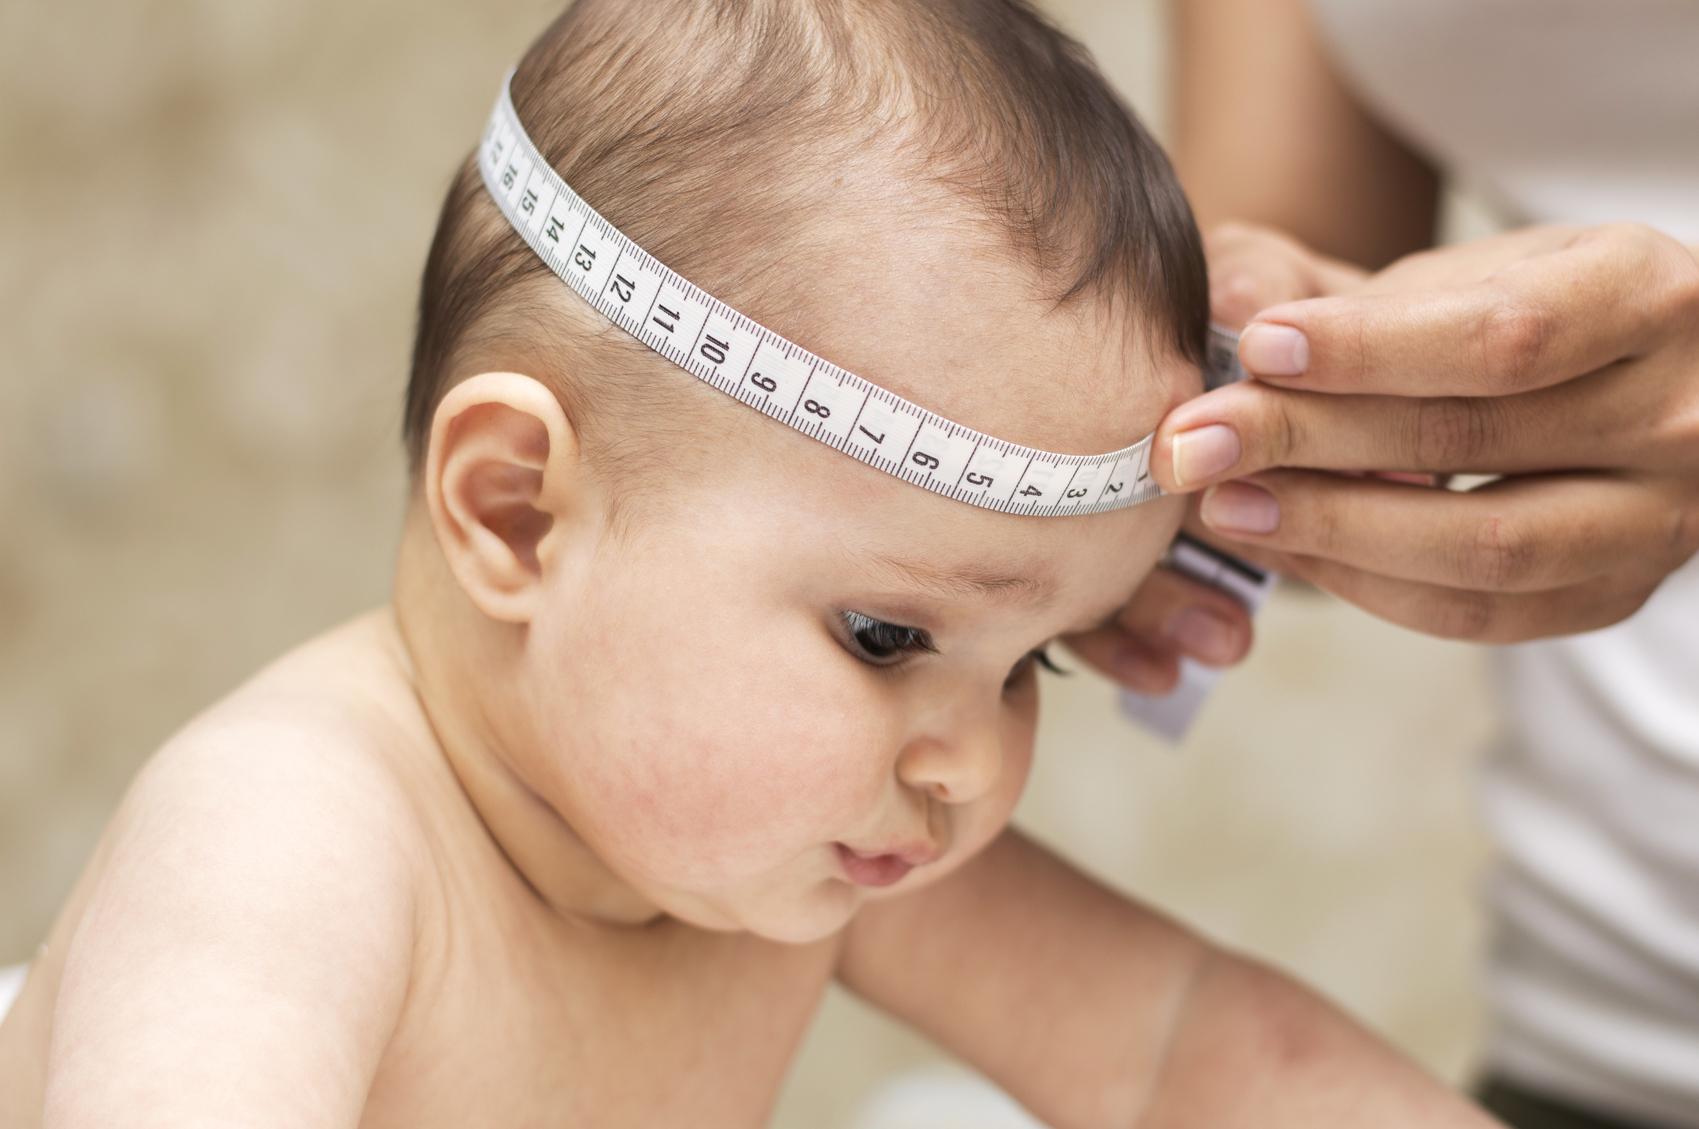 Medición del perímetro craneal del bebé